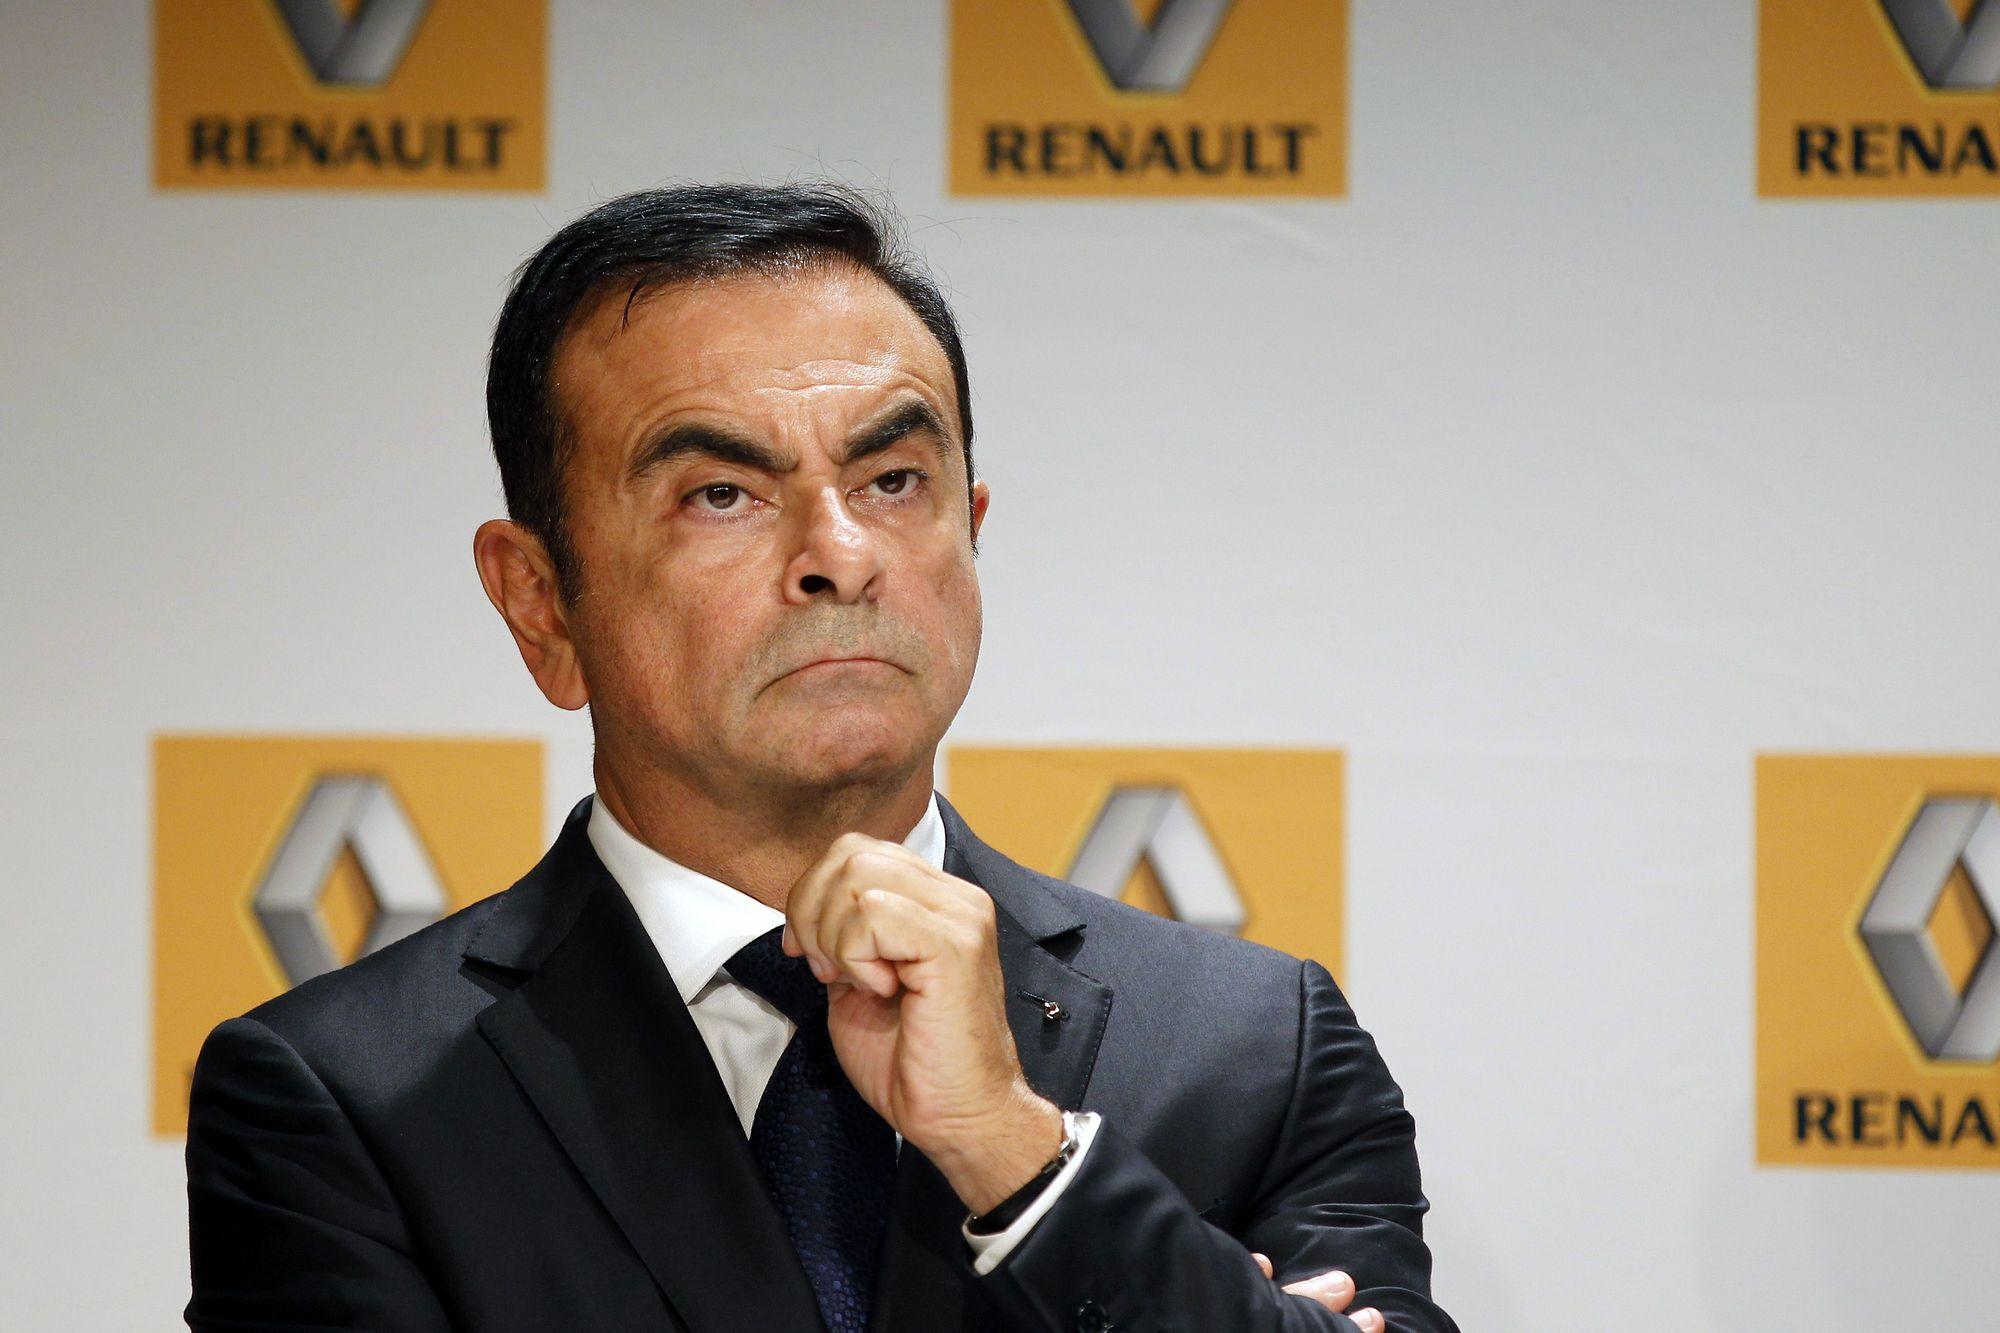 Карлоса Гона заподозрили в присвоении 3 млн долларов средств Renault